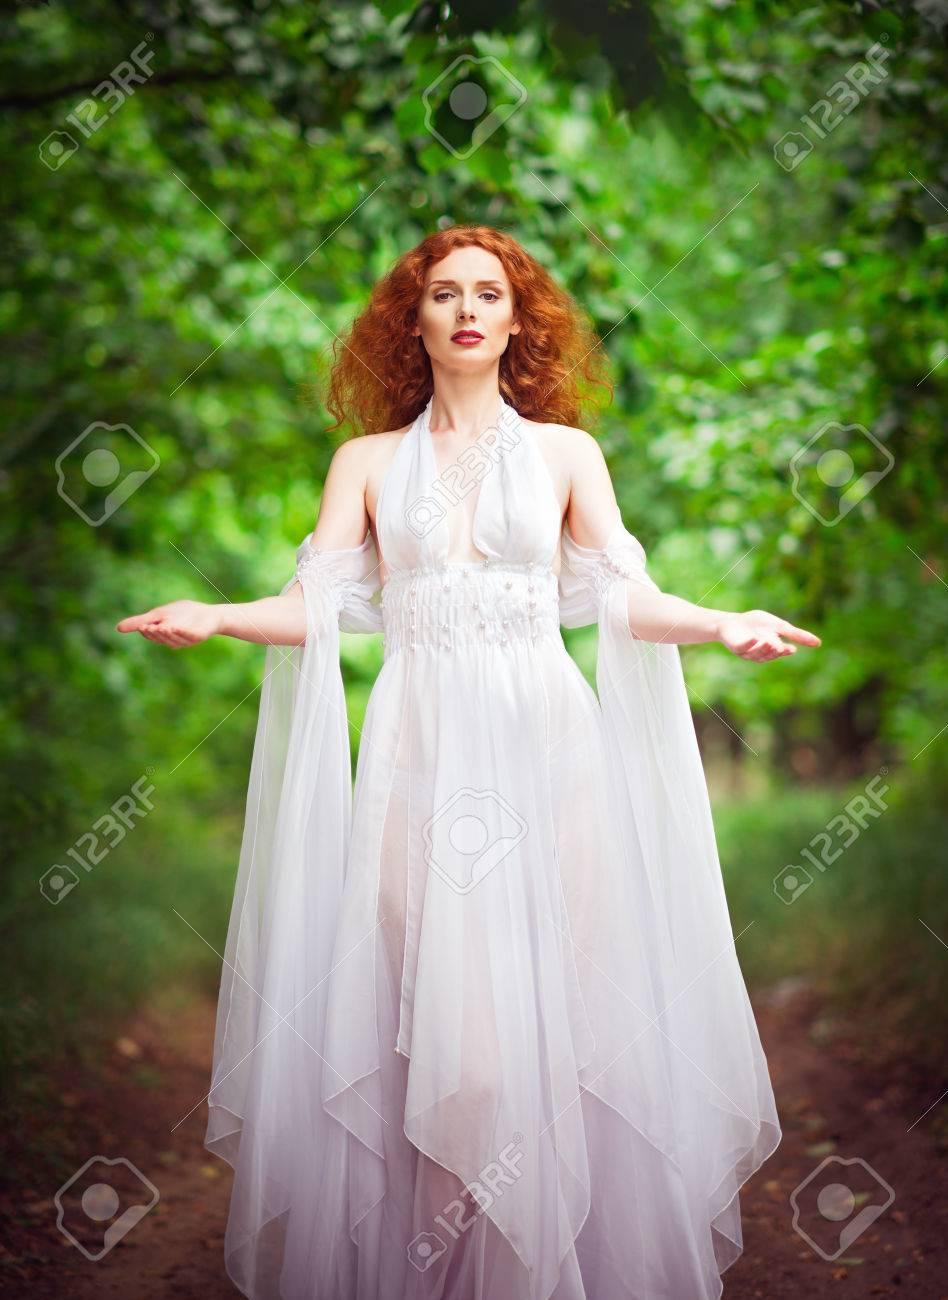 Forêt Dans Portant Belle Robe La Femme Rousse Blanche nwN08kZOPX